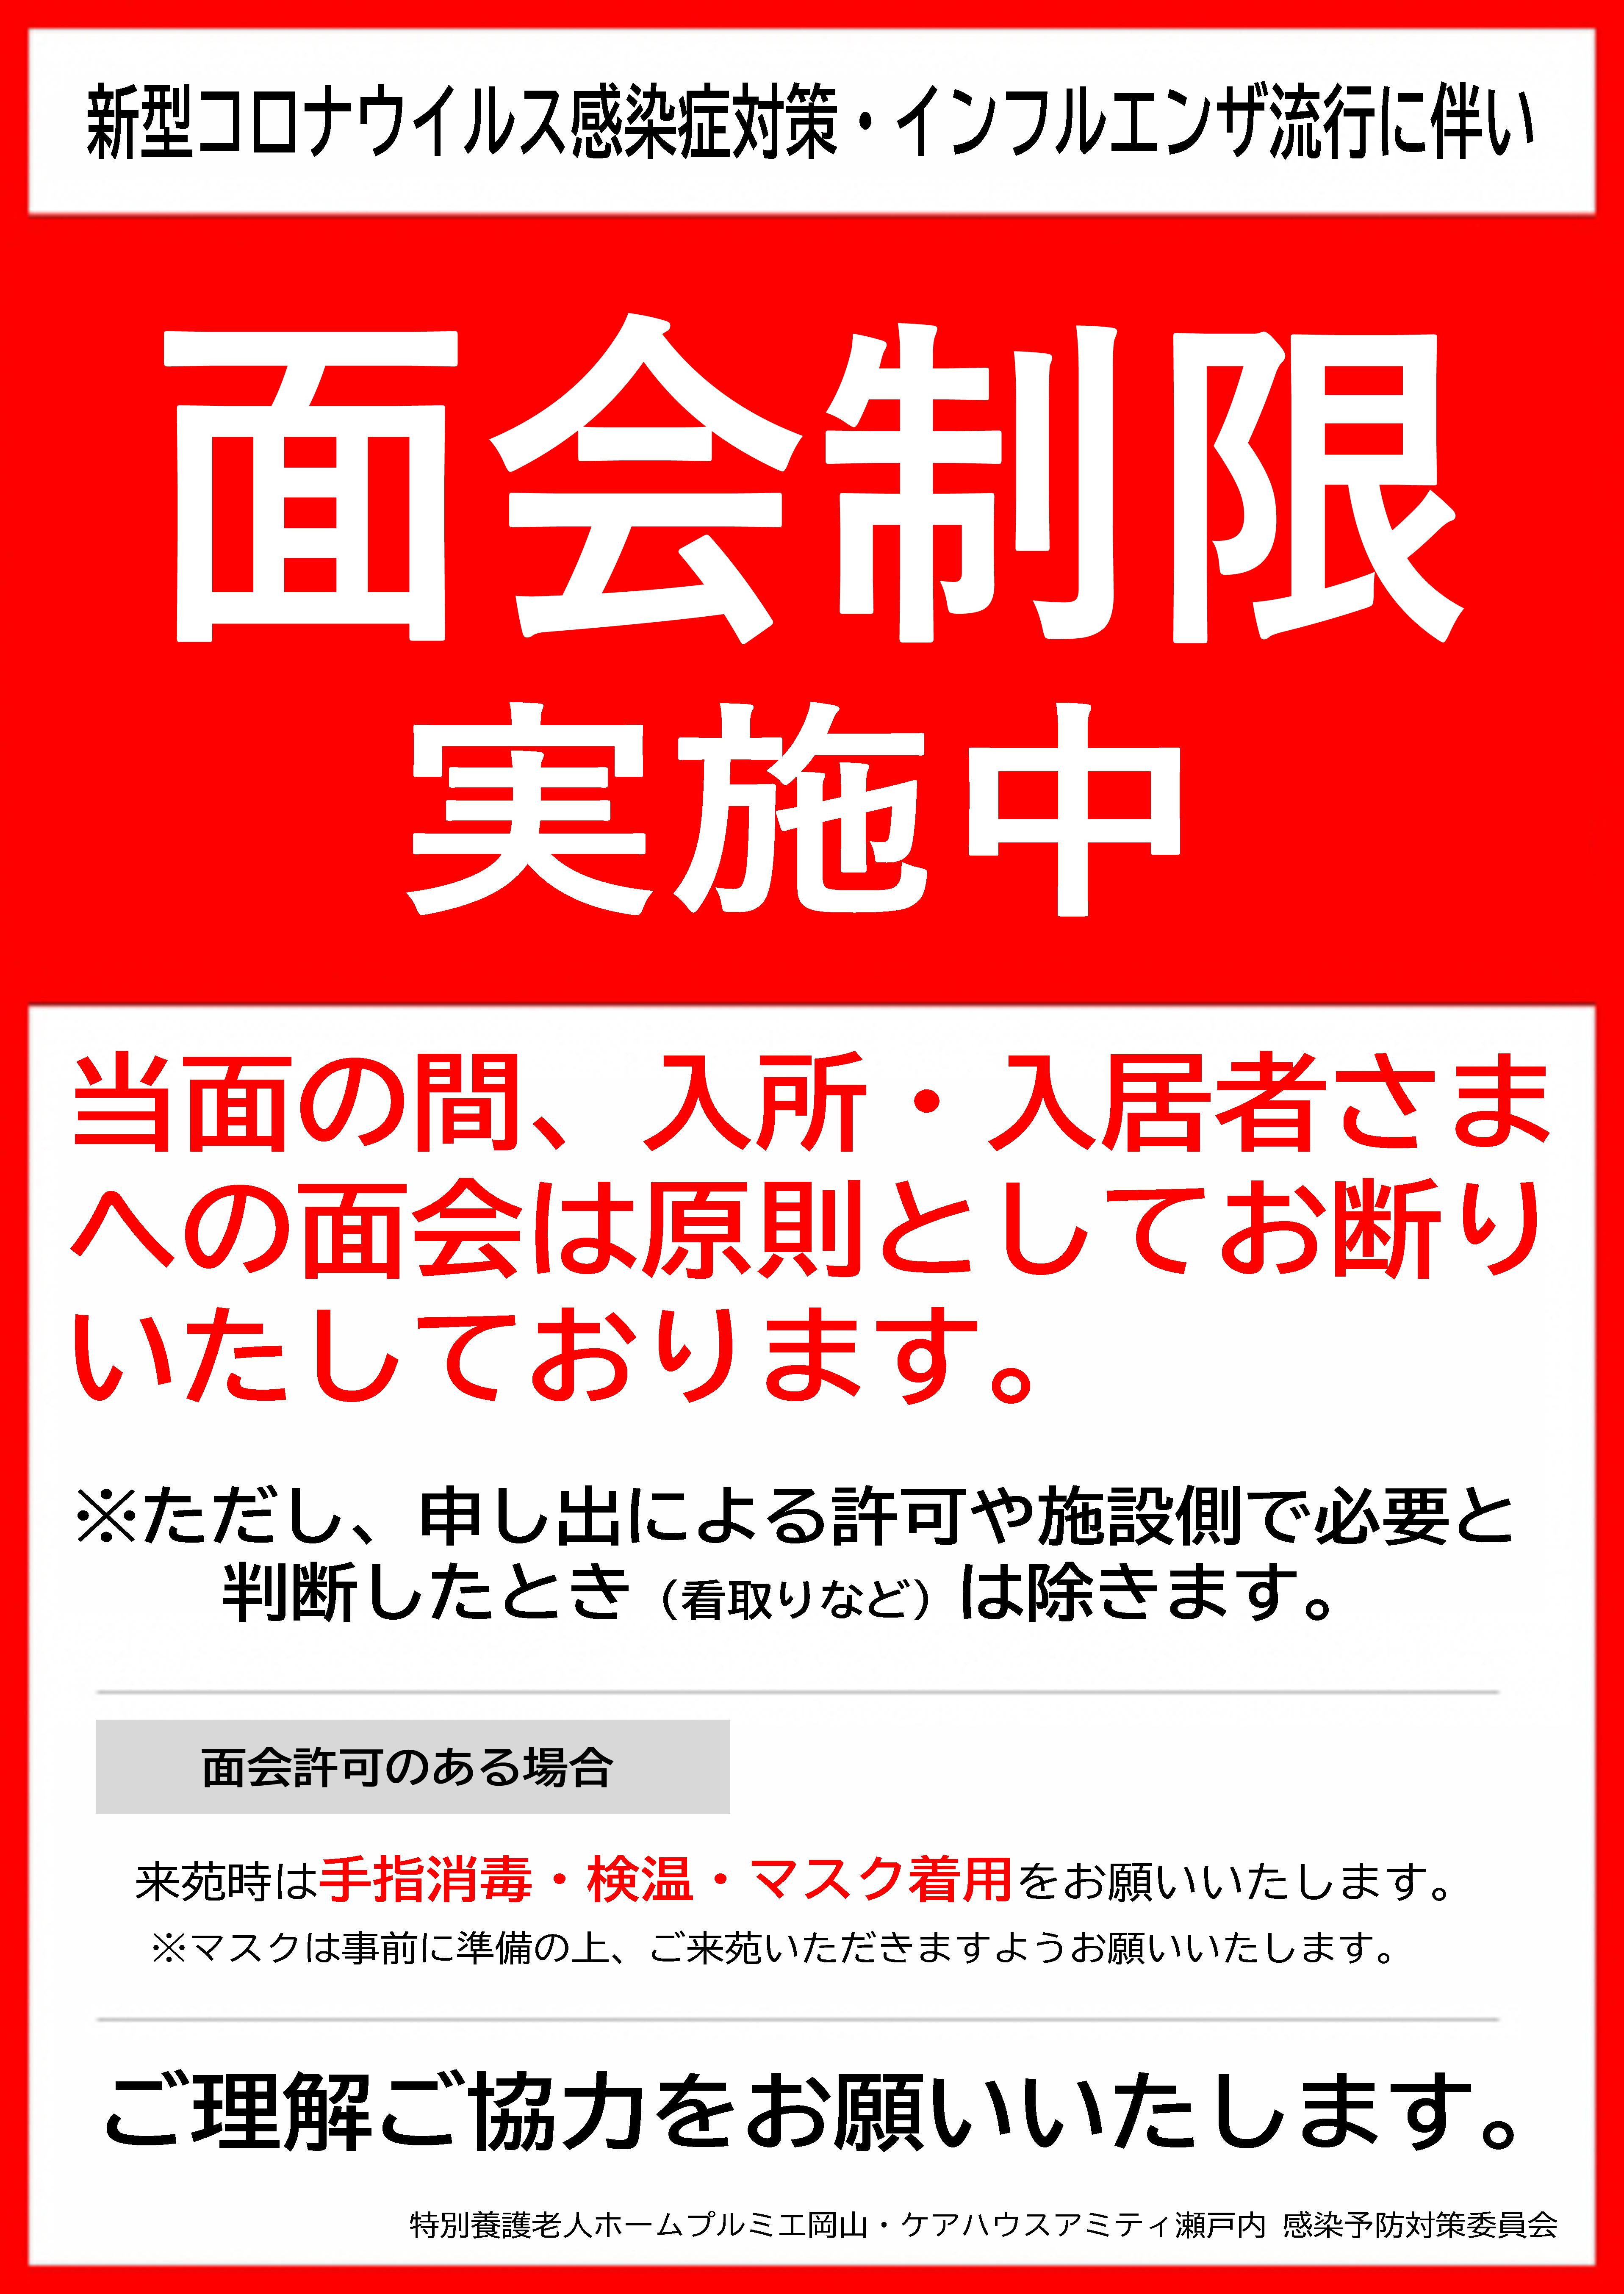 者 岡山 コロナ 感染